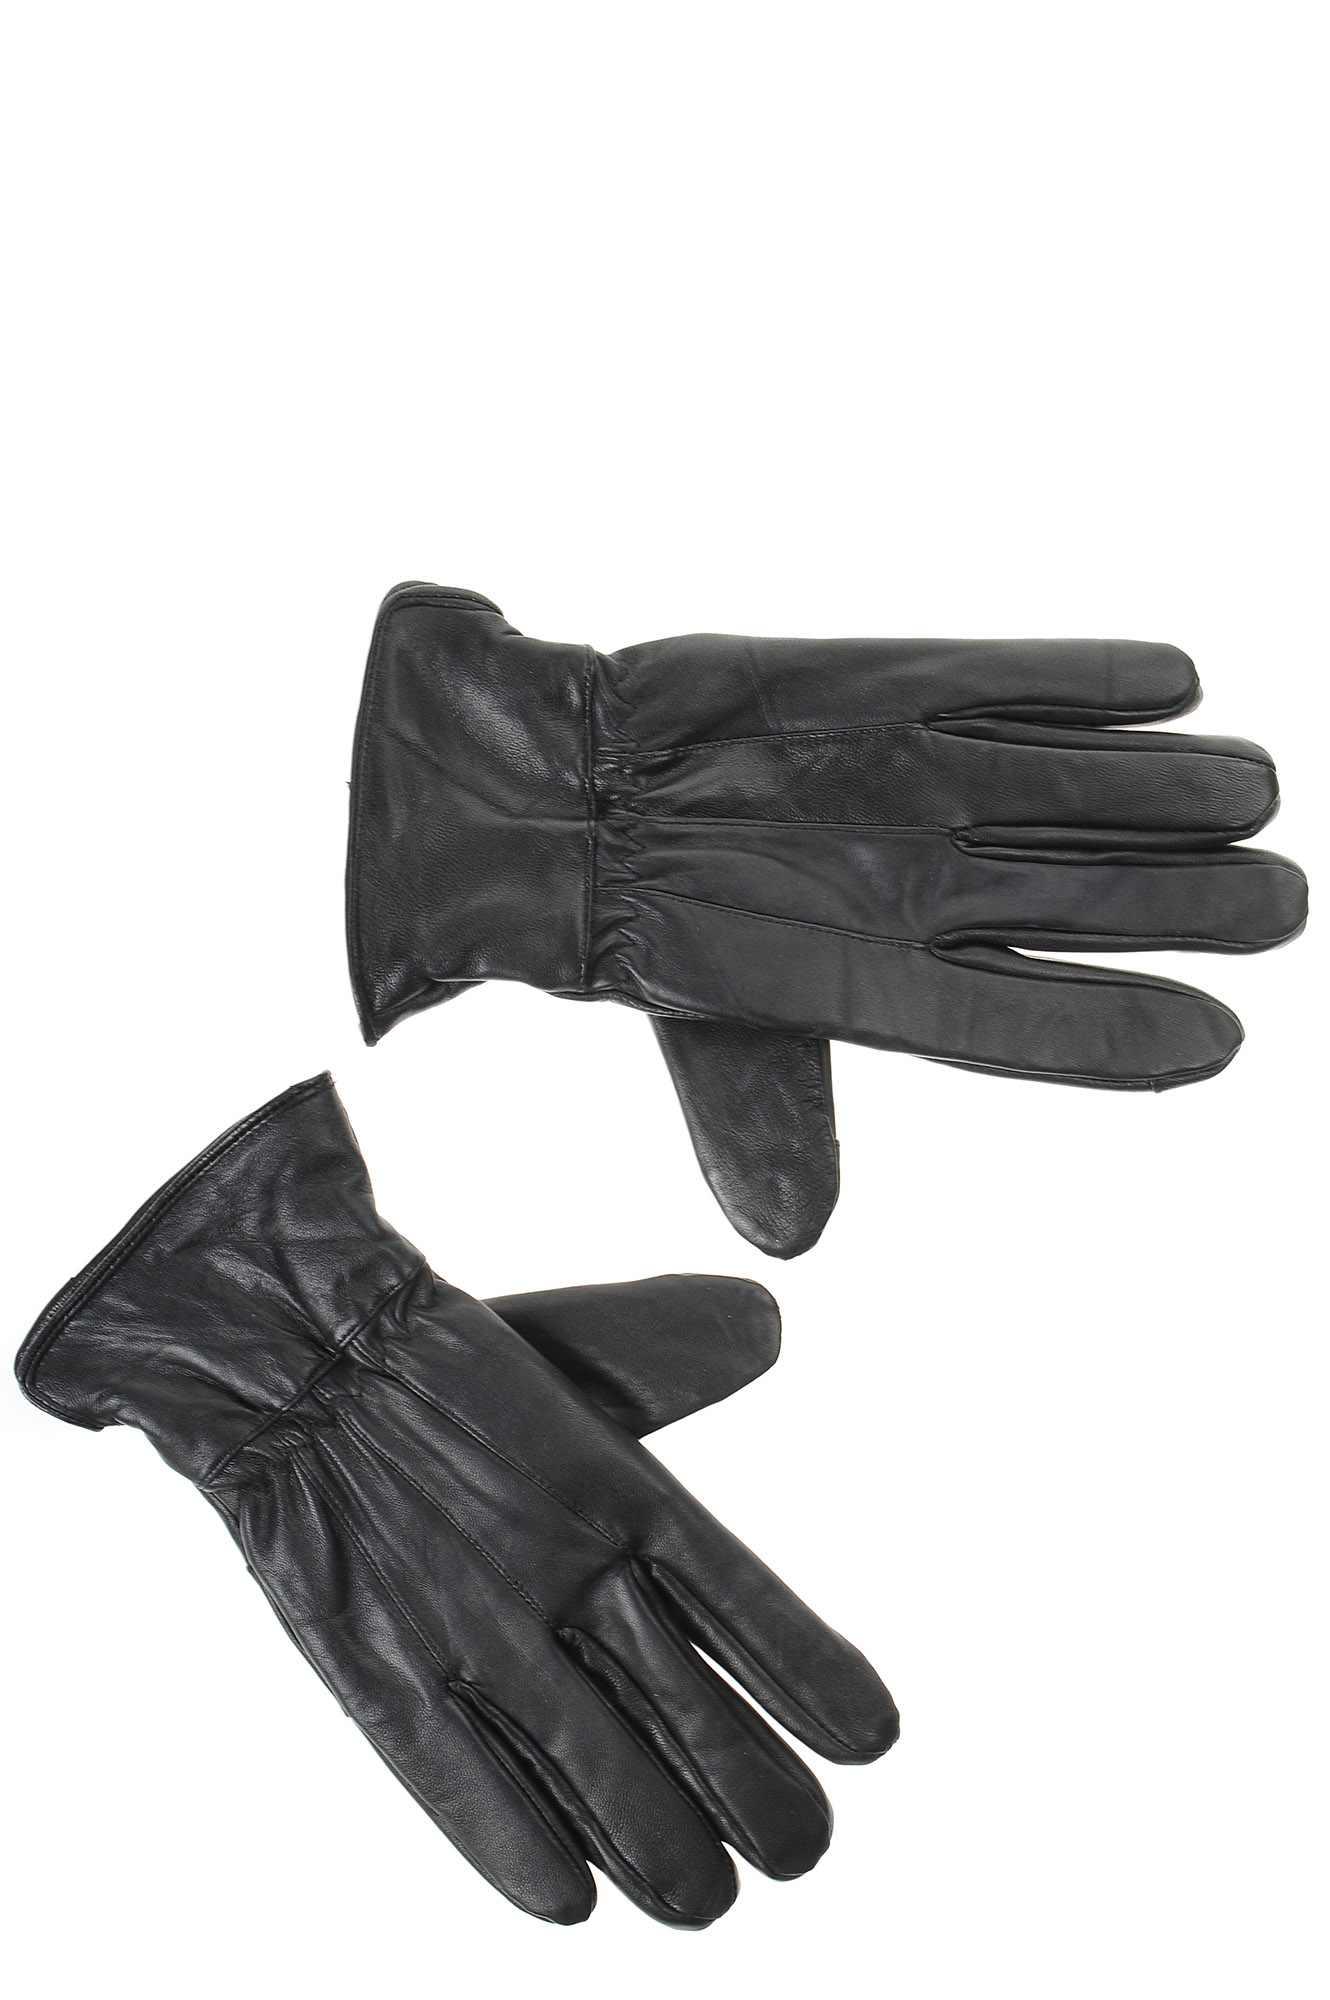 Αντρικά Δερμάτινα Γάντια Coveri 158804 ανδρας   αντρικό γάντι